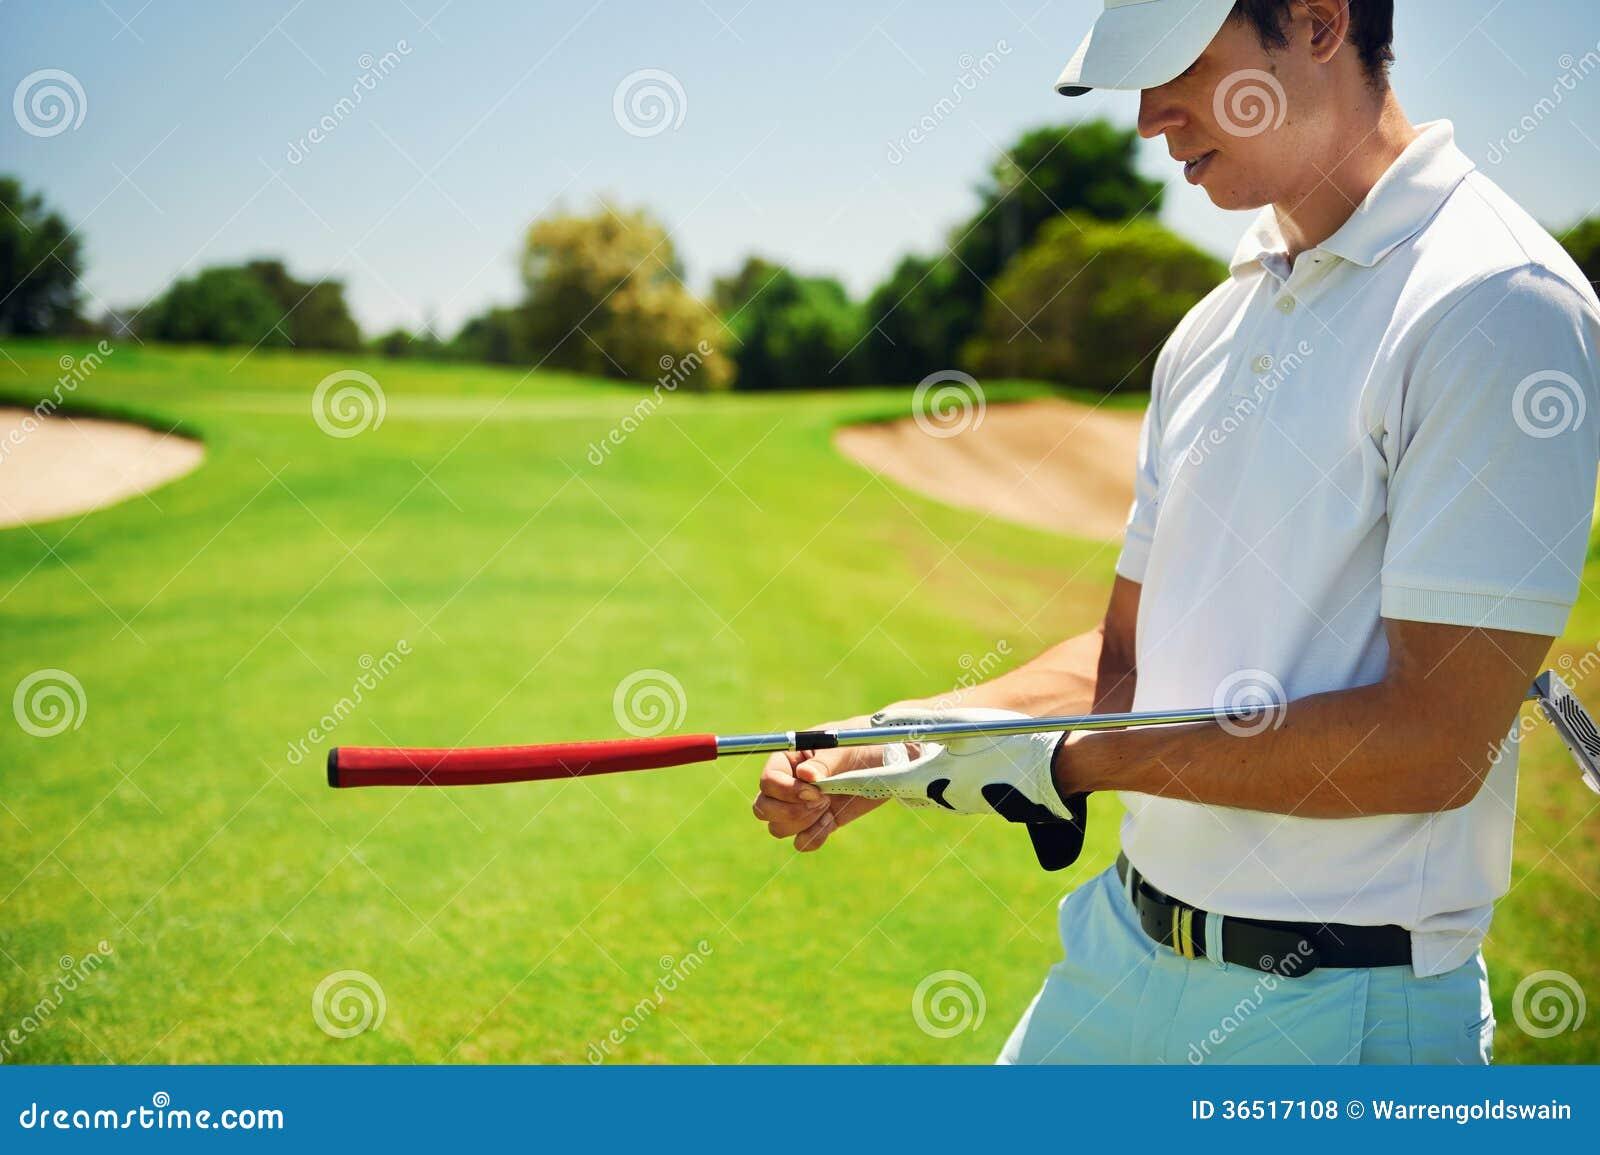 Golfeur enlevant le gant